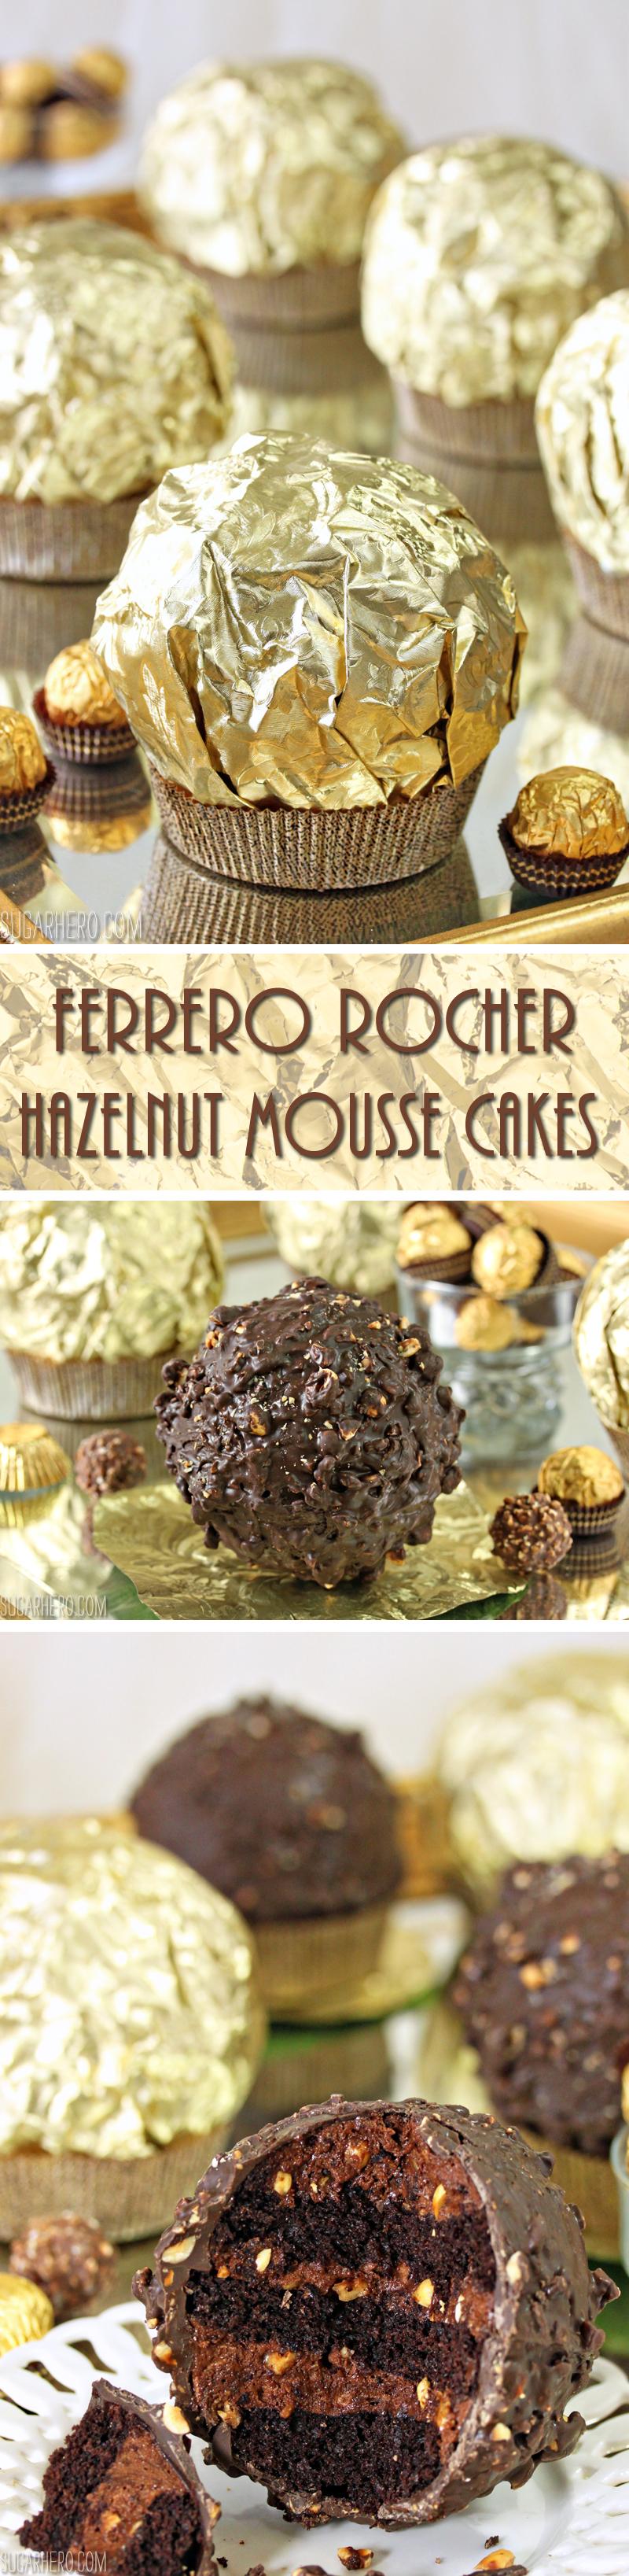 Giant Ferrero Rocher Hazelnut Mousse Cakes - full of chocolate cake and hazelnut mousse | From SugarHero.com